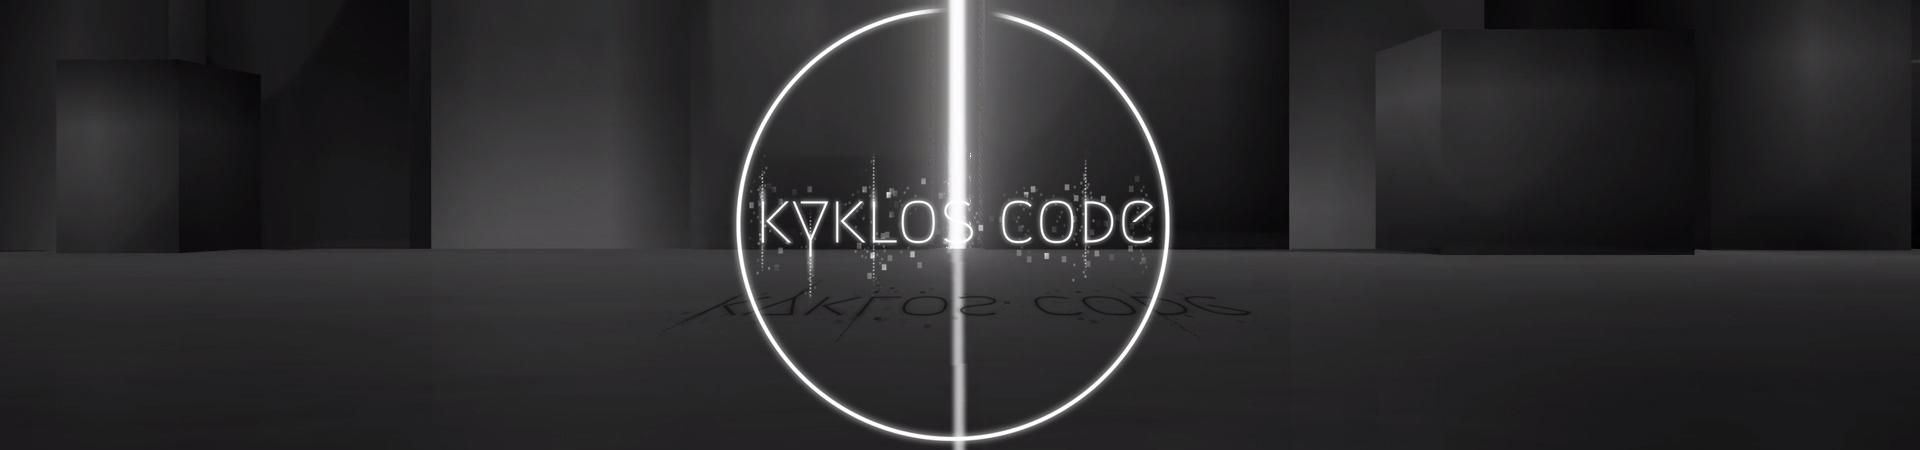 Kyklos Code